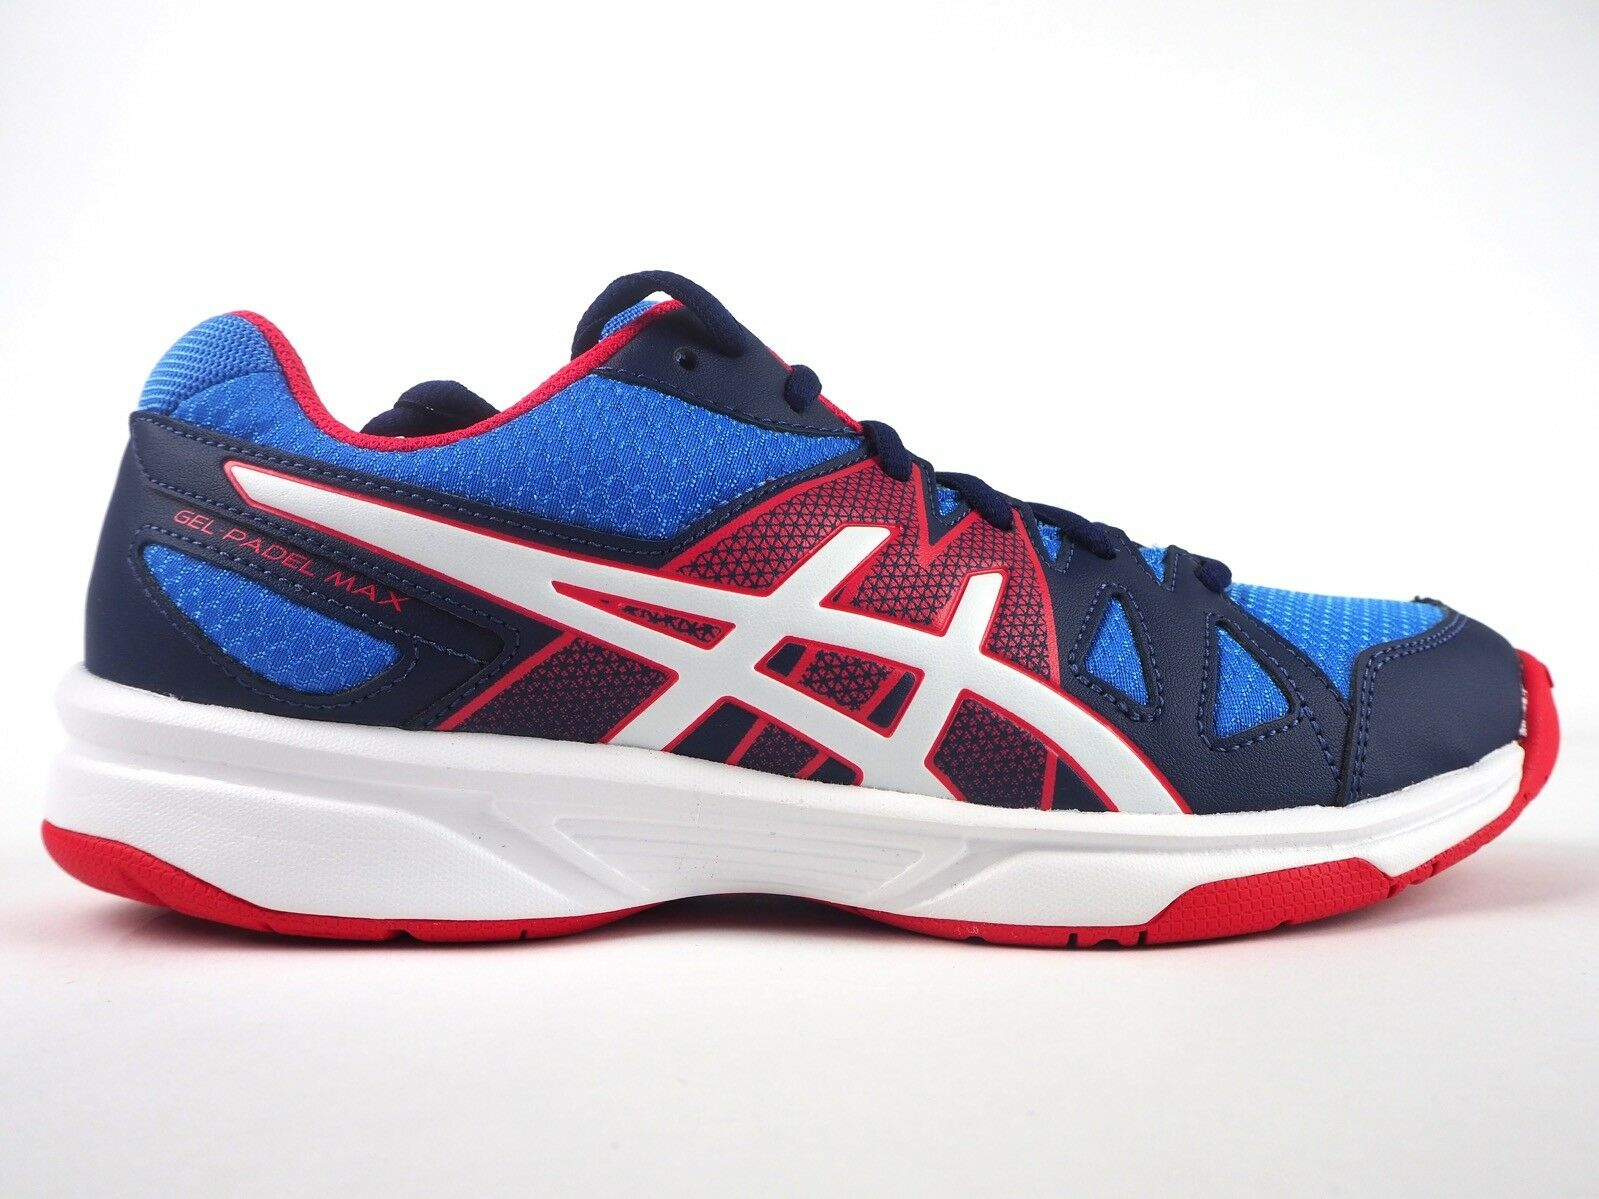 Chaussures femme Asics à Gel-padel Max 2 E562Y 4701 à Asics Lacets Bleu Rouge Blanc Femmes Baskets 367314